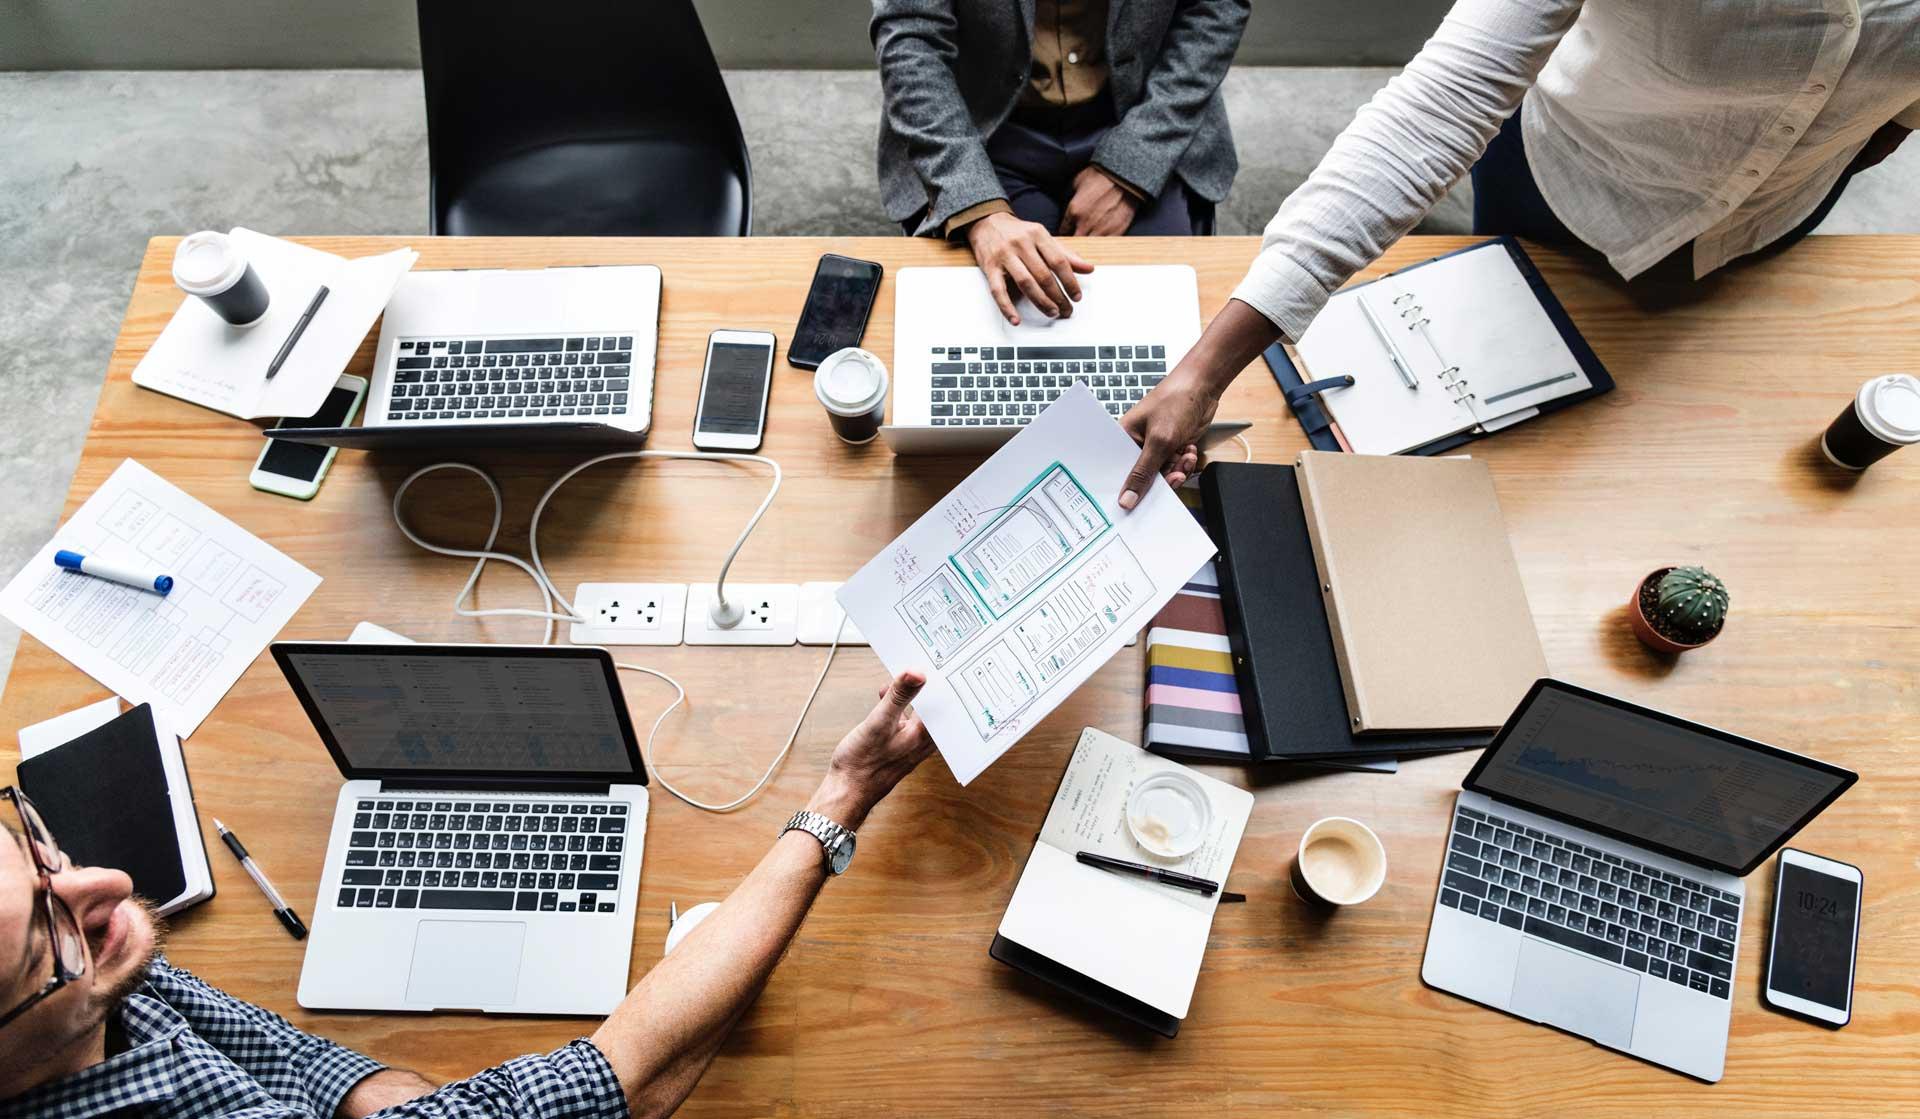 Автоматизация бизнеса и интернет технологии при обработке документов